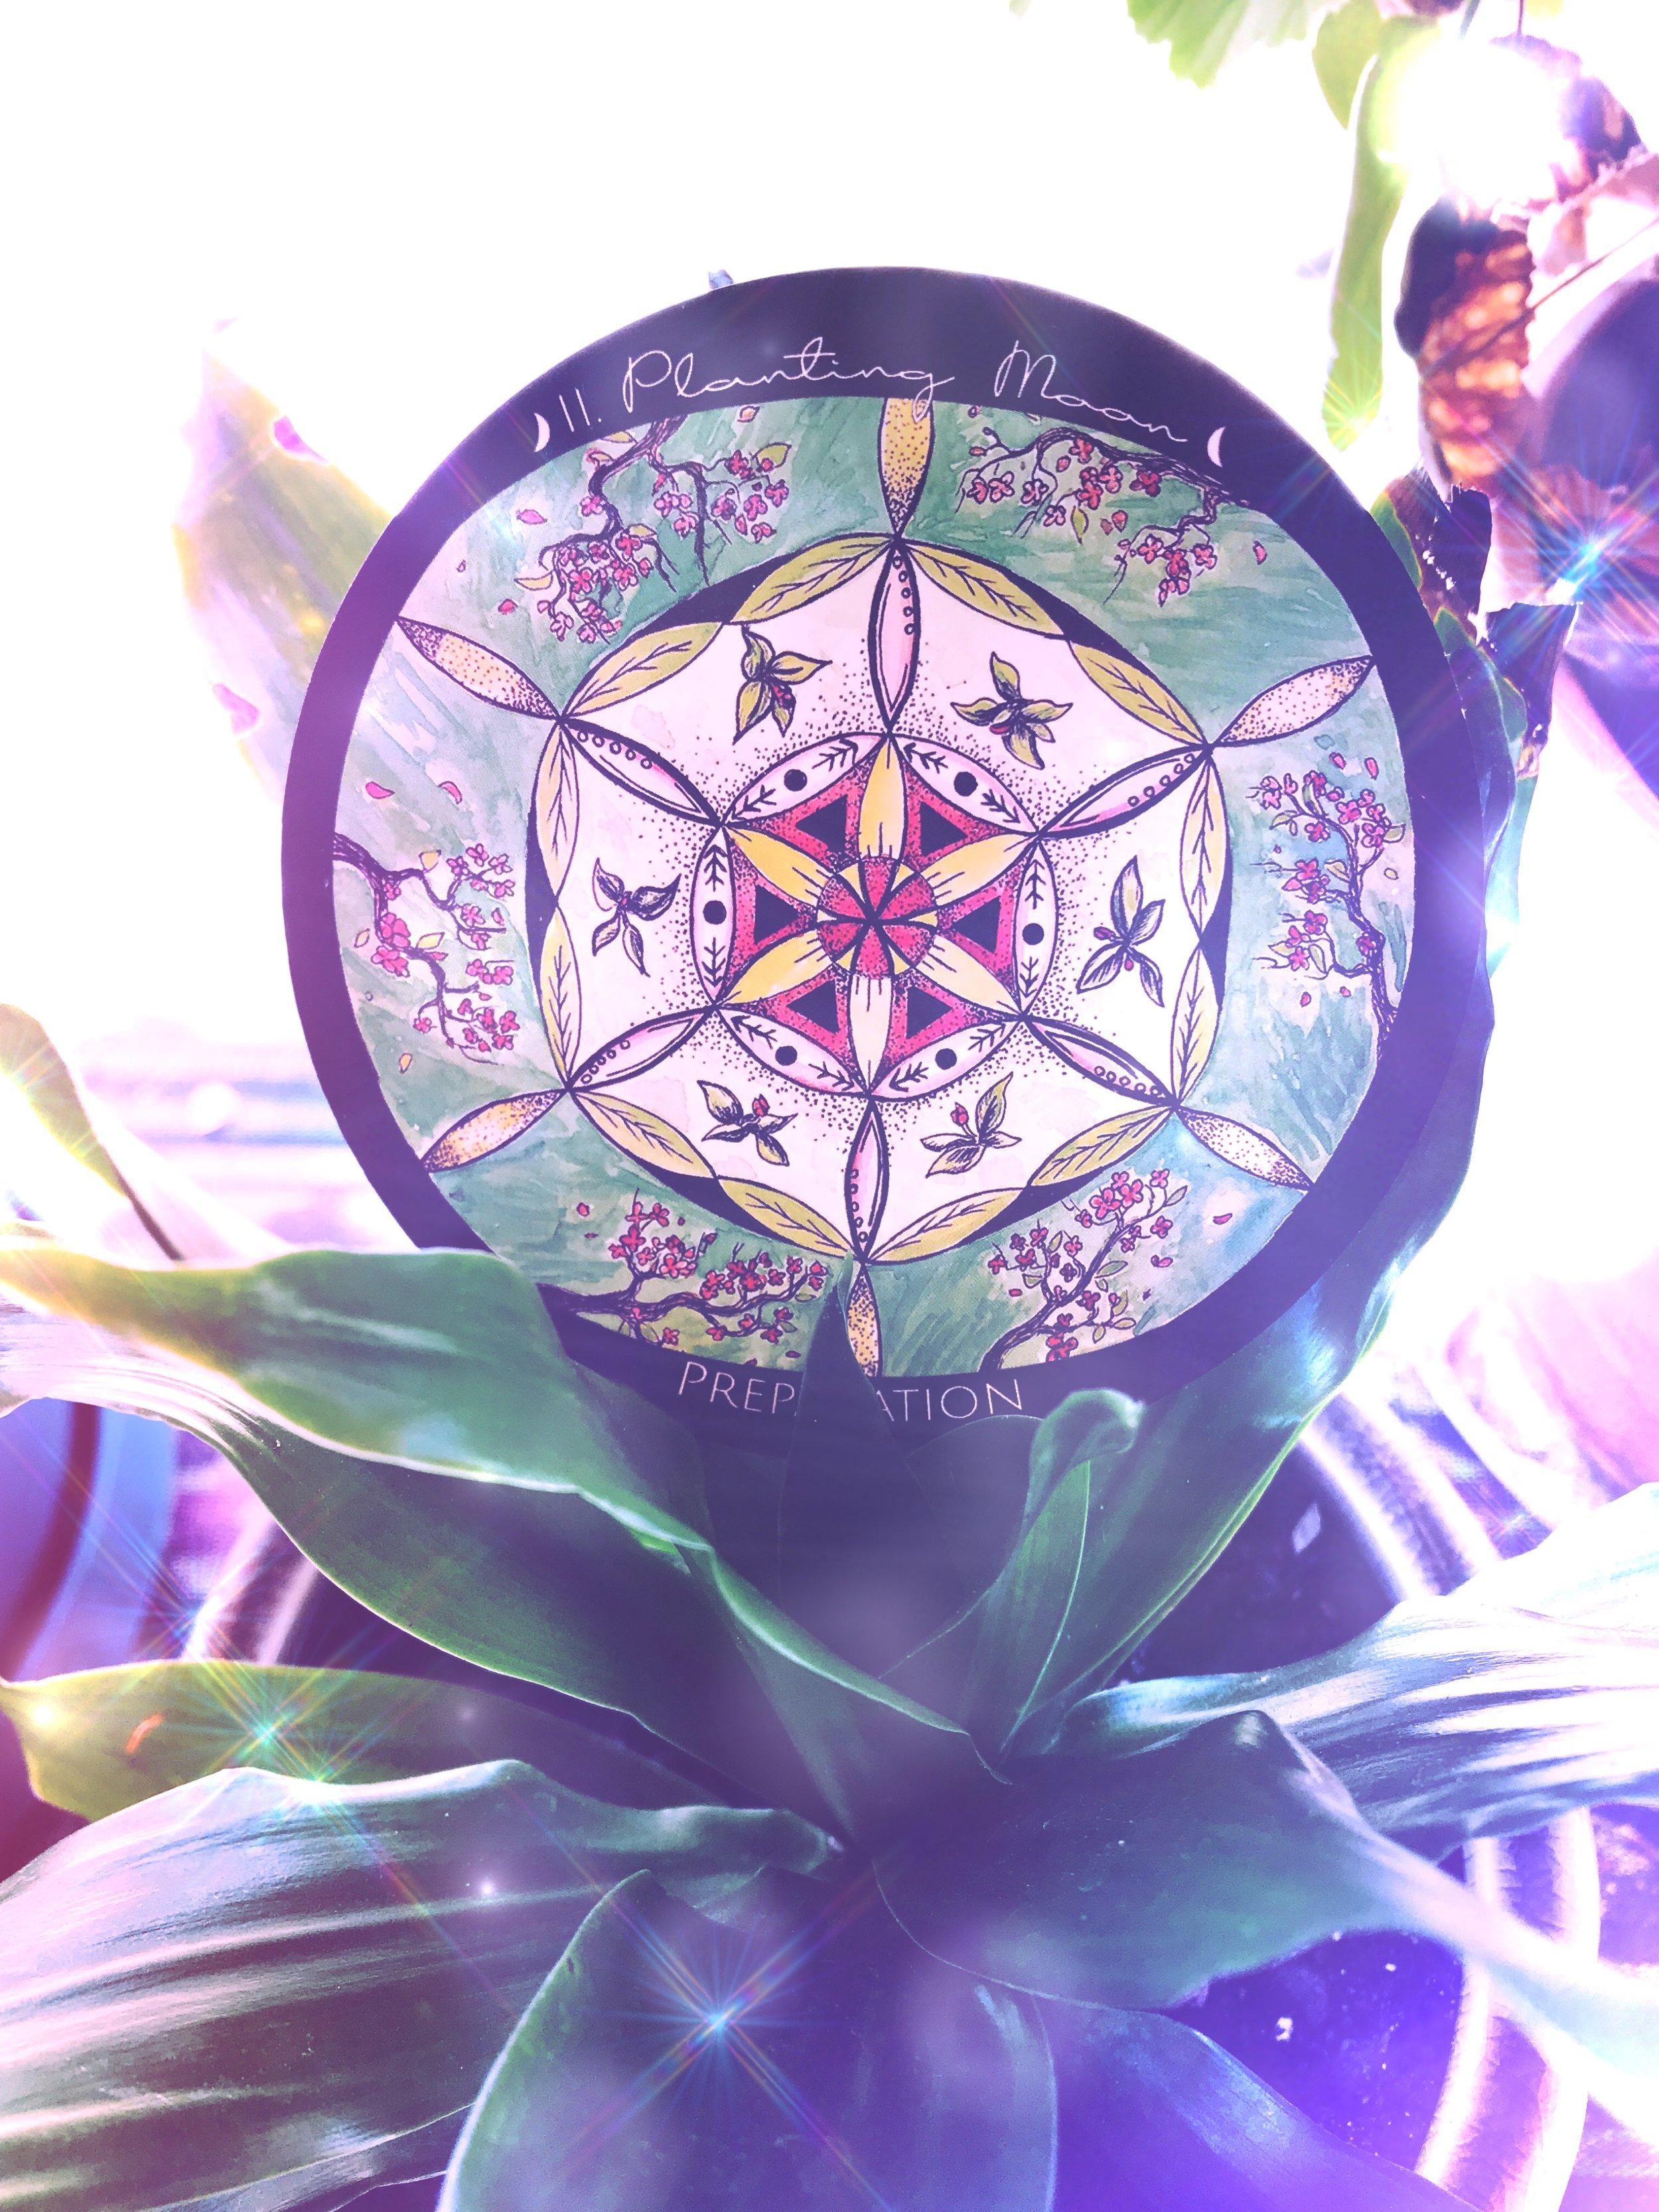 Intention Planting Ceremony | Spirit de la Lune